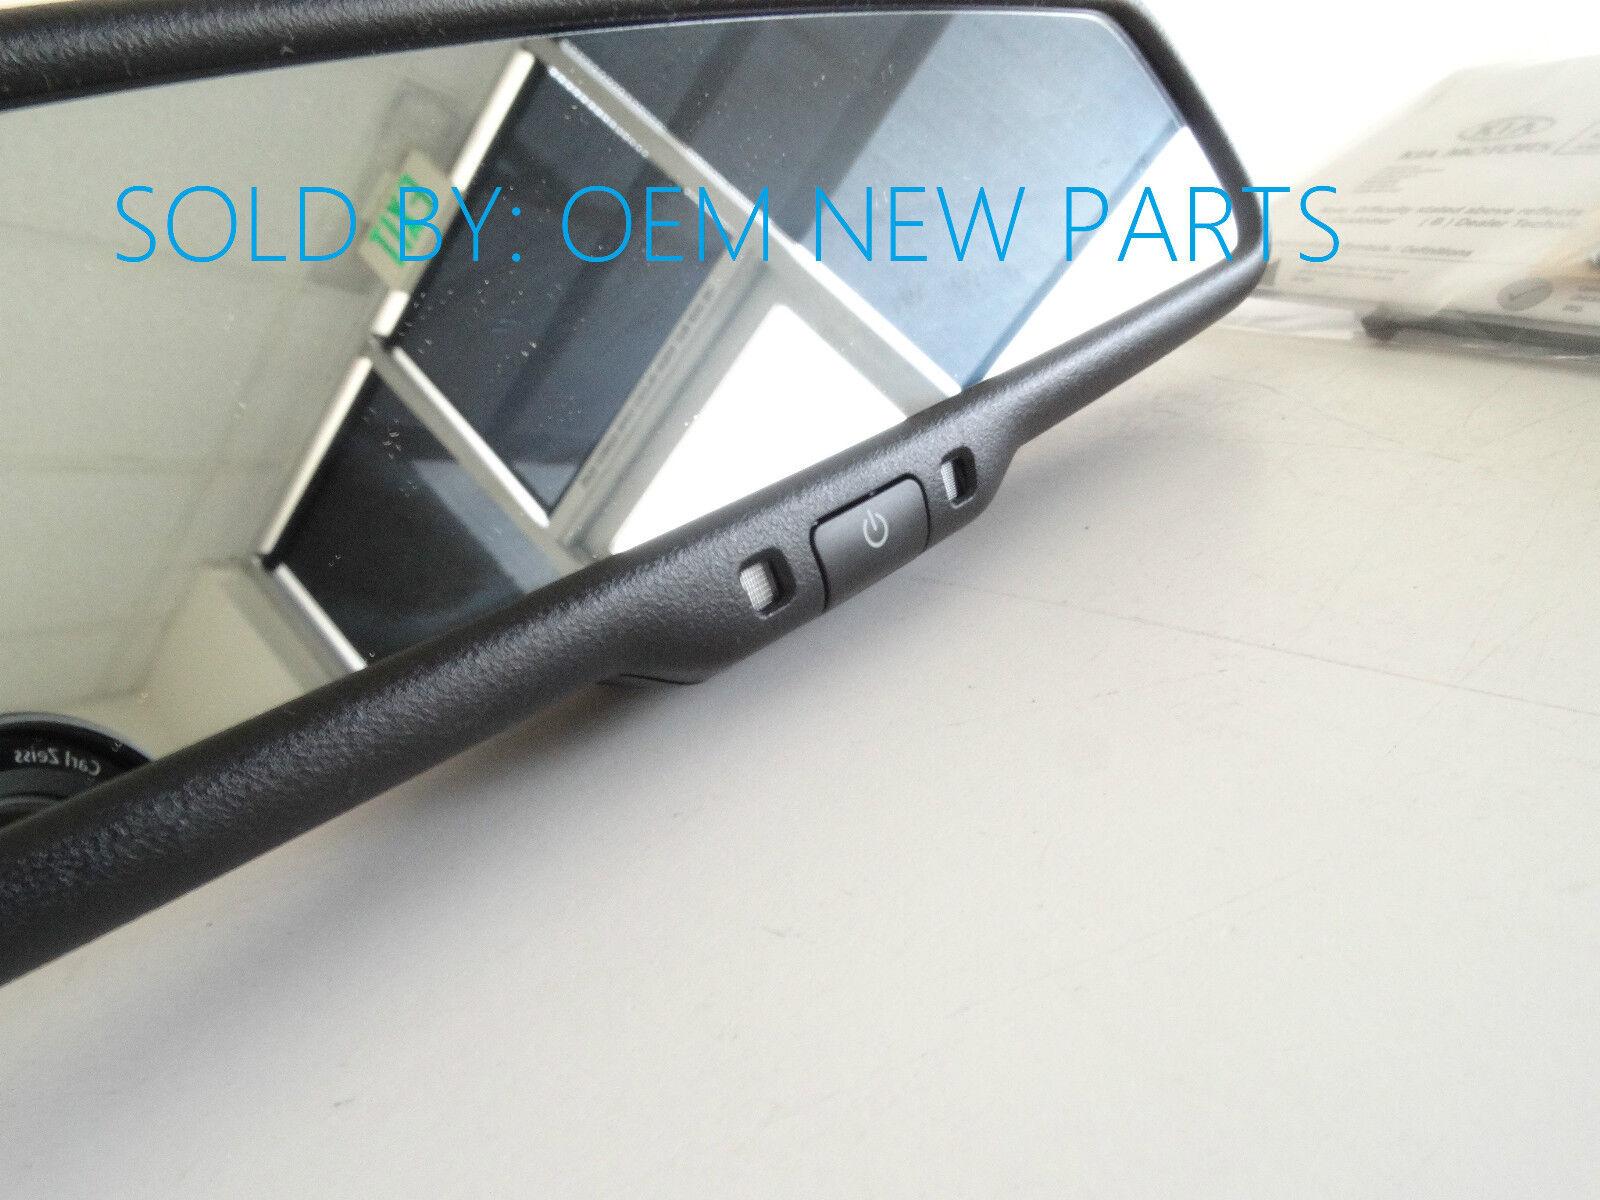 Kia Soul: Inside rearview mirror